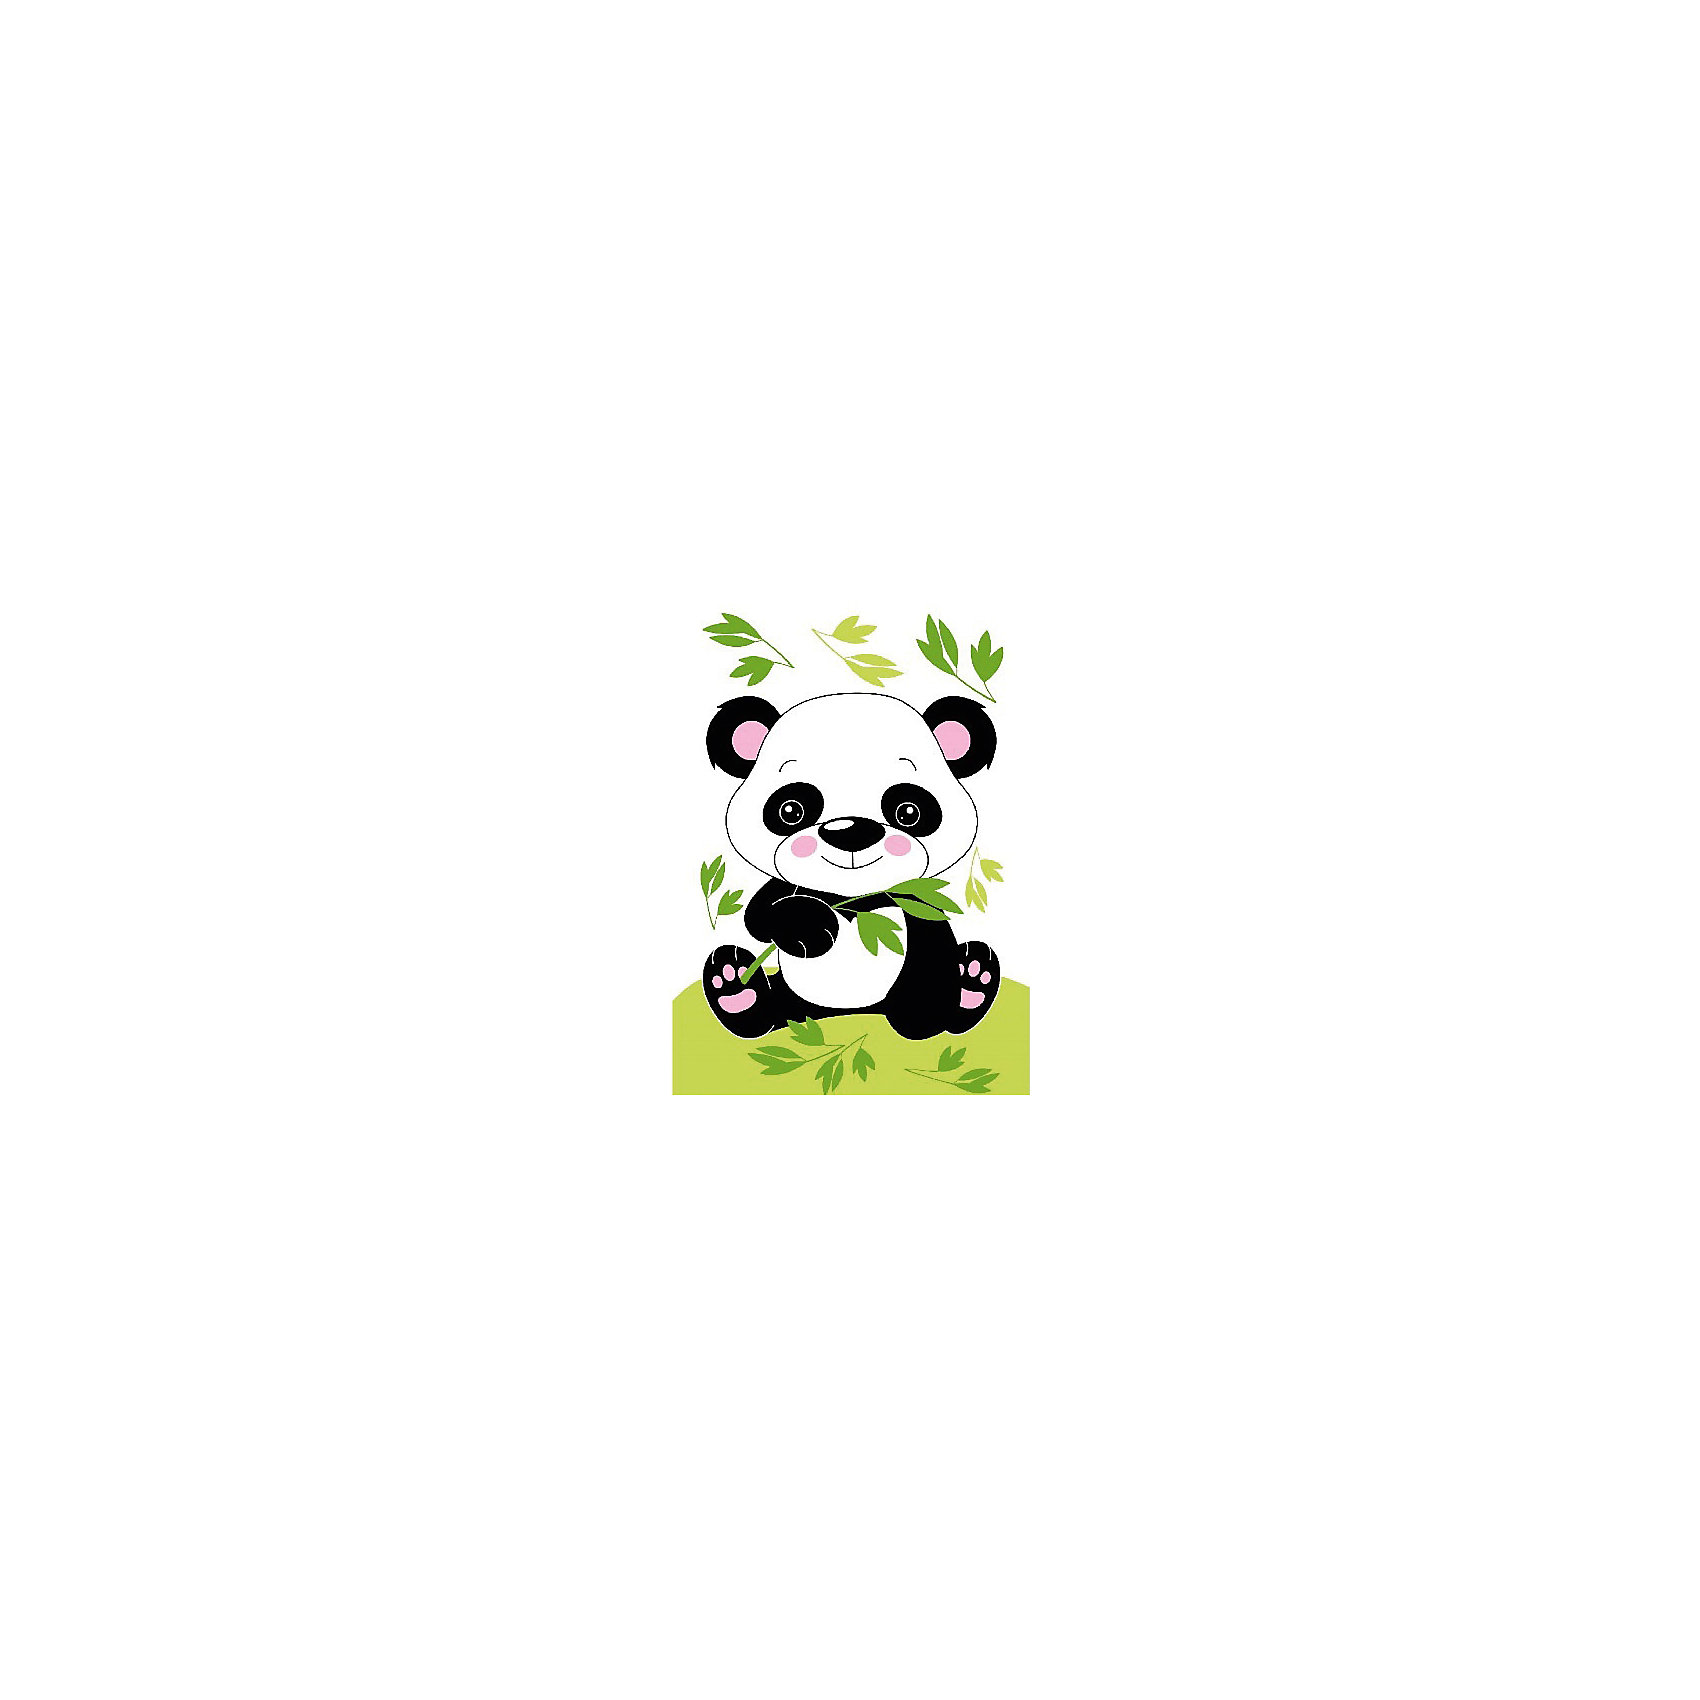 Набор юного художника Маленькая панда, 20*30 смДетские картины с раскраской по номерам размером 20*30. На деревянном подрамнике, с прогрунтованным холстом и  нанесенными контурами картины, с указанием цвета закраски, акриловыми красками, 3 кисточками и креплением на стену. Уровень сложности, количество красок указаны на коробке.<br><br>Ширина мм: 300<br>Глубина мм: 200<br>Высота мм: 30<br>Вес г: 330<br>Возраст от месяцев: 60<br>Возраст до месяцев: 108<br>Пол: Унисекс<br>Возраст: Детский<br>SKU: 5417657